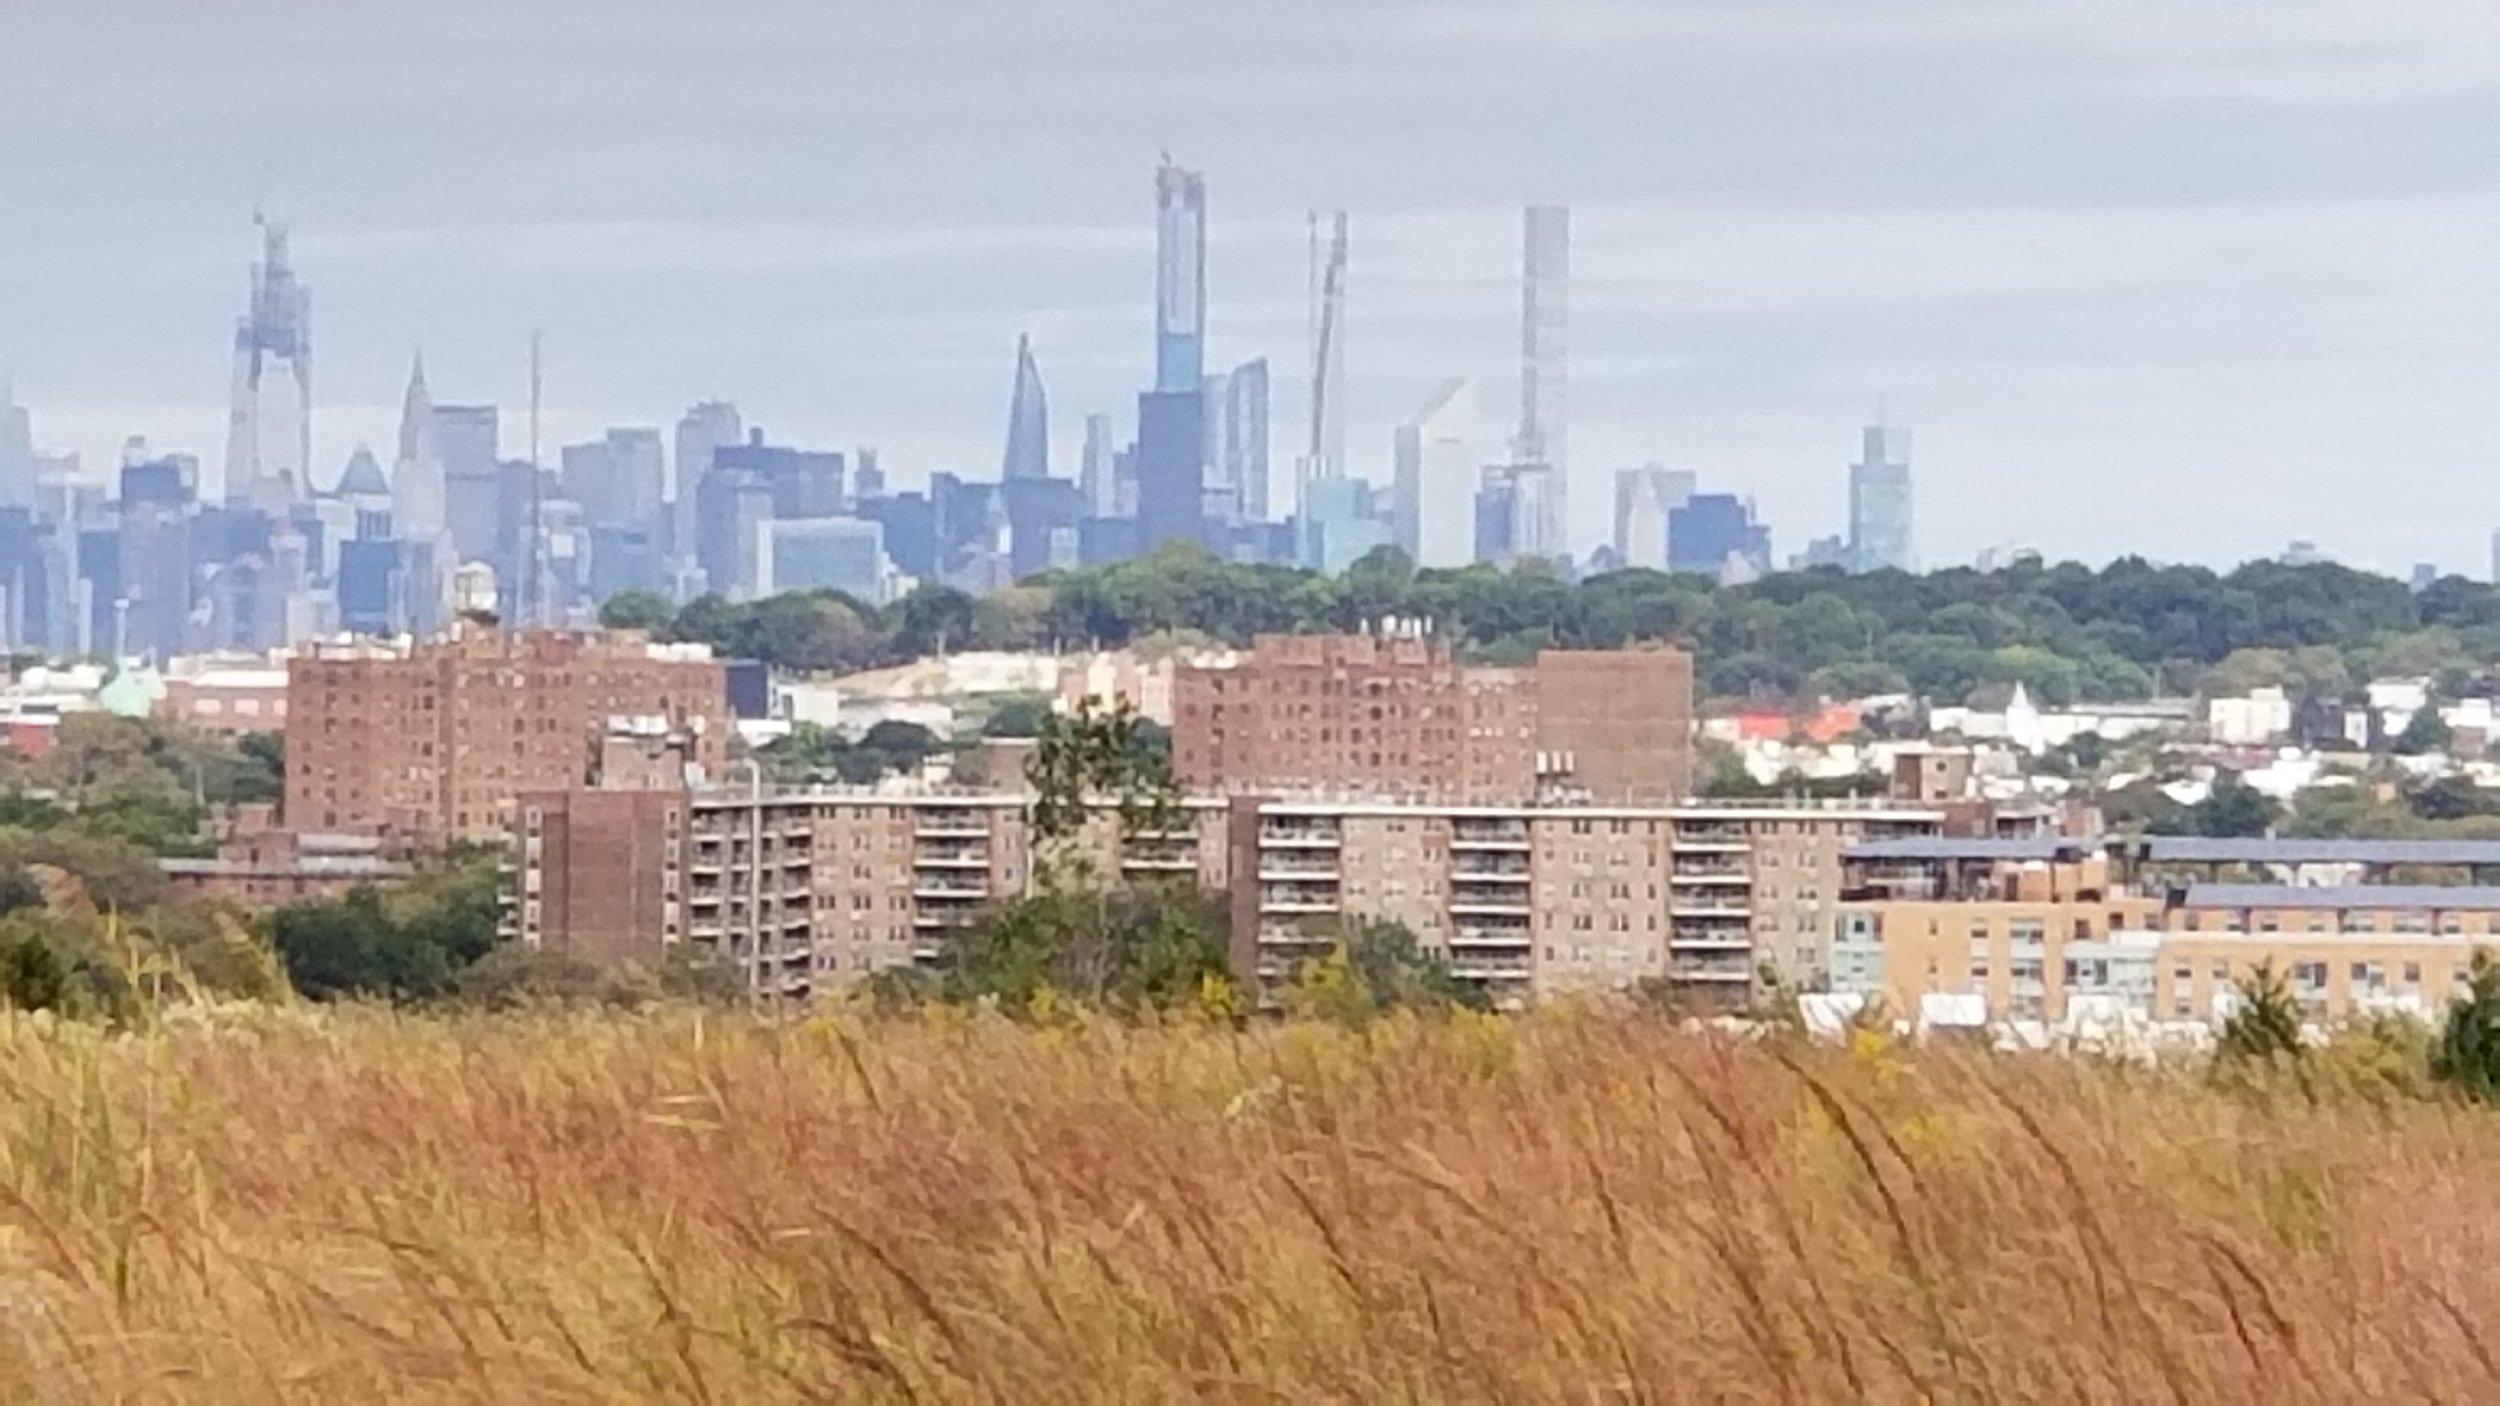 The Manhattan skyline in the distance